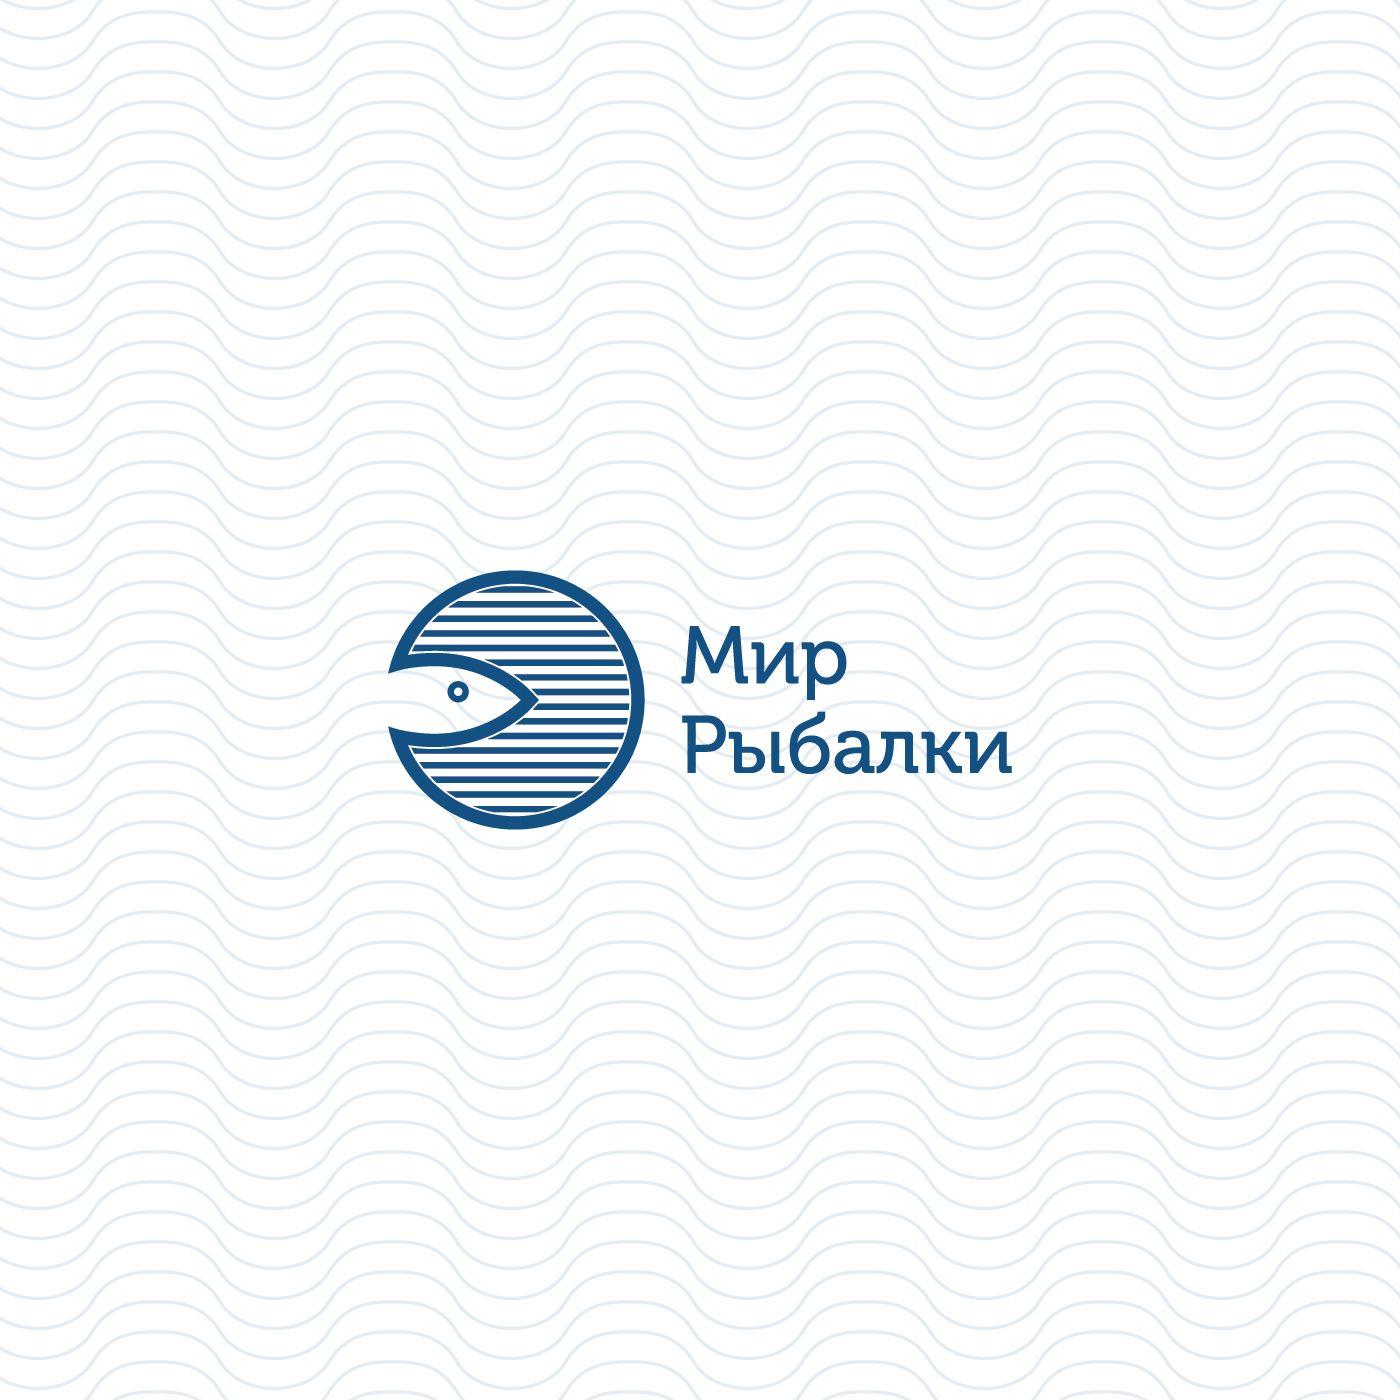 Логотип рыболовного магазина - дизайнер rikozi